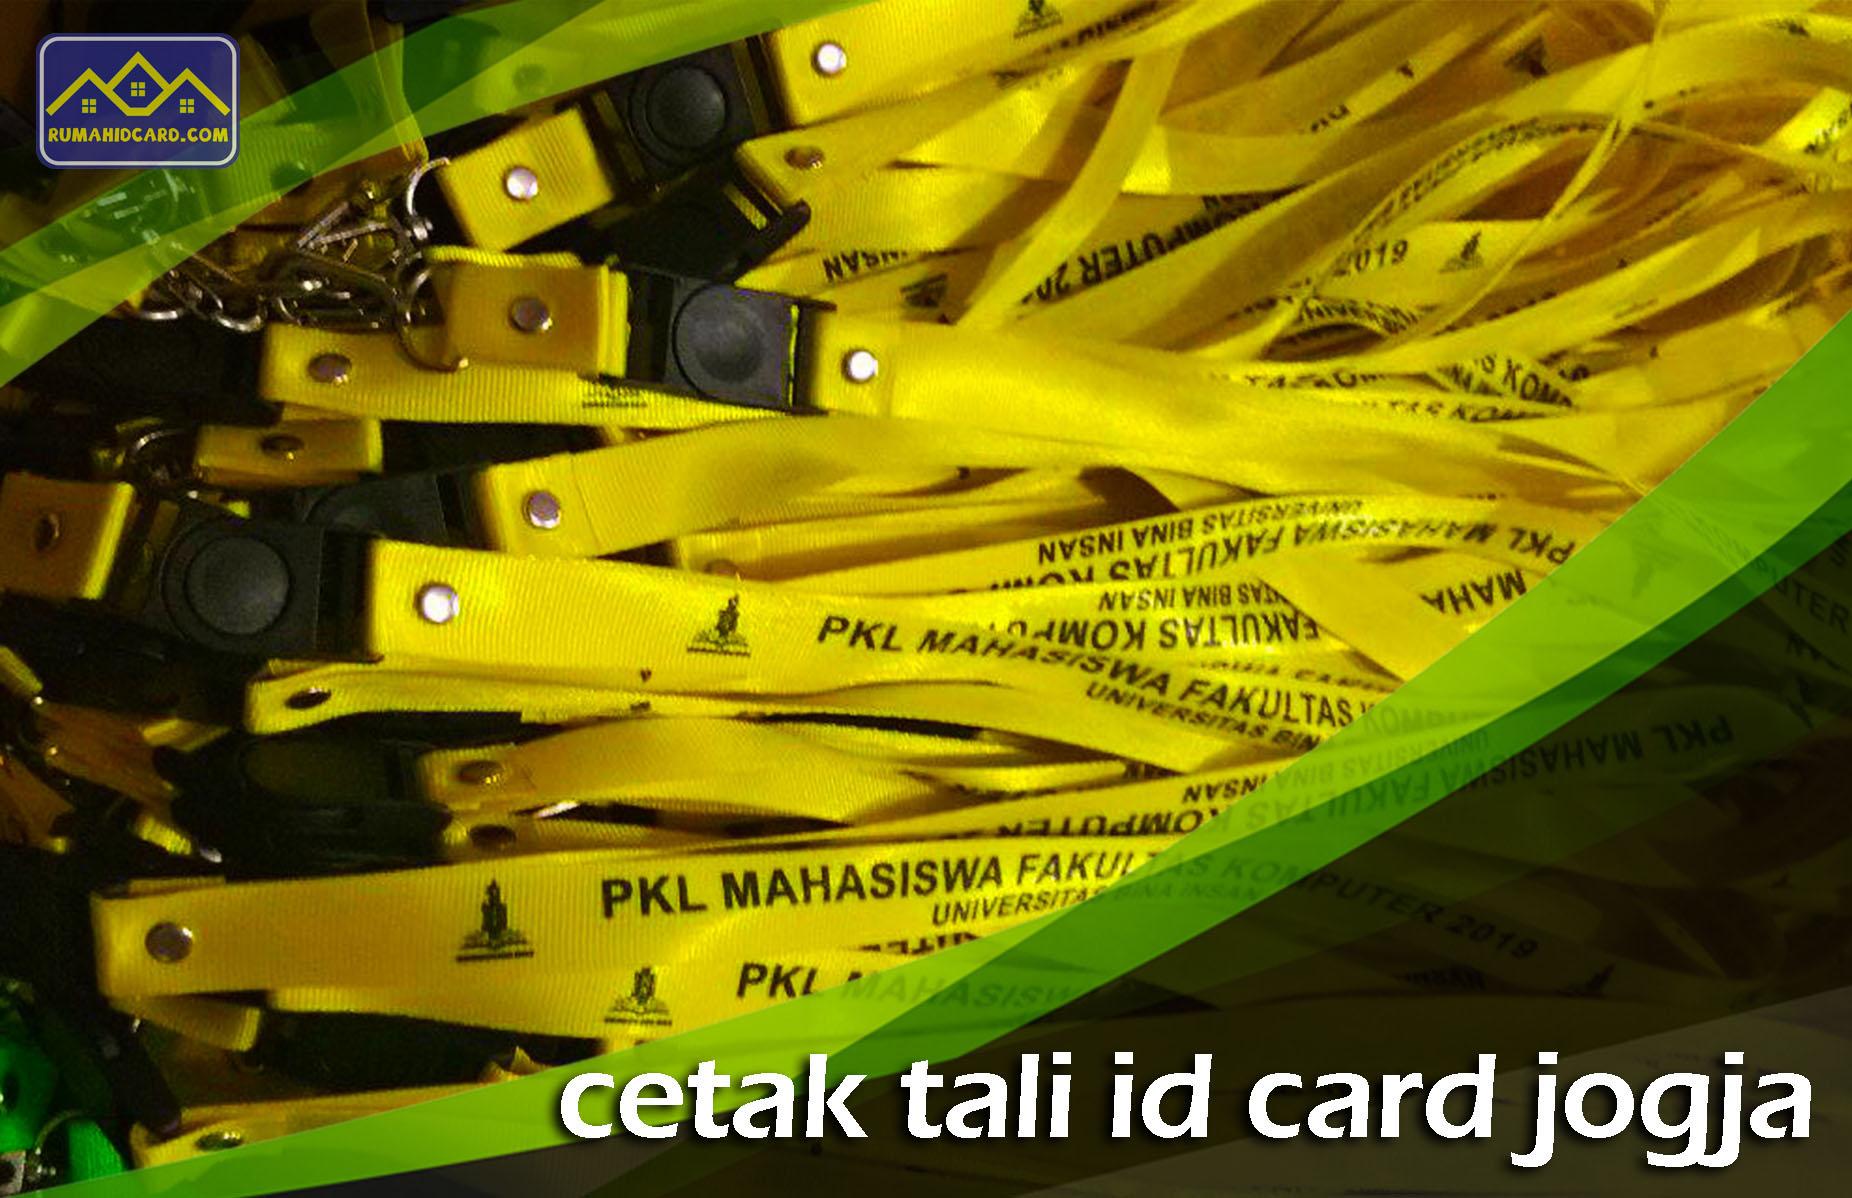 Cetak Tali ID Card Jogja